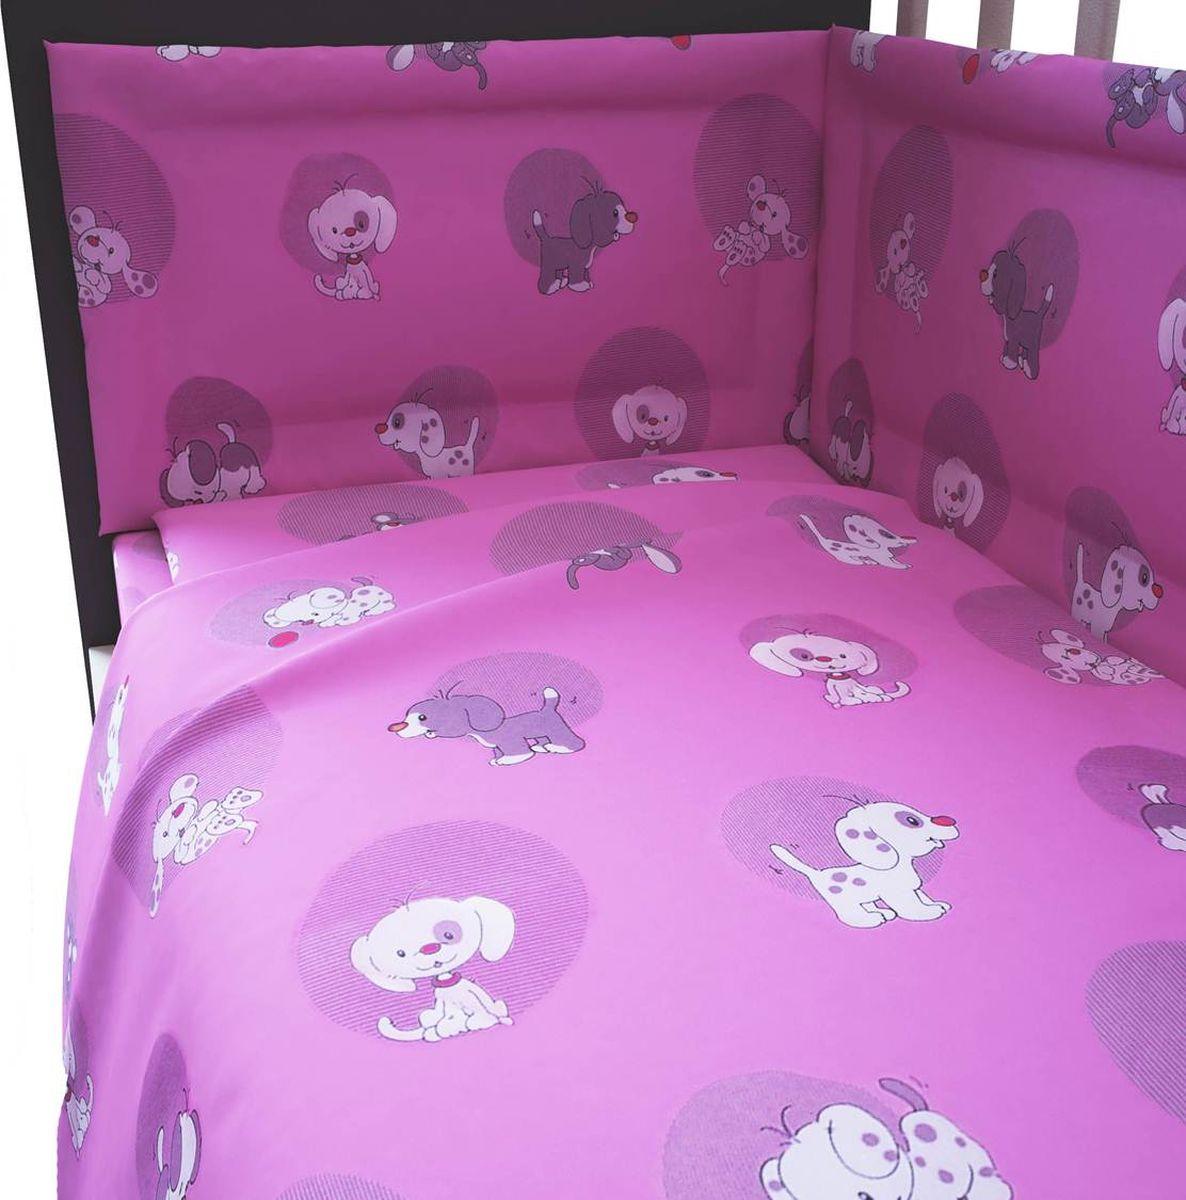 Комплект белья для новорожденных Фея Наши друзья, цвет: розовый, 6 предметов комплект белья для новорожденных фея веселая игра цвет серый 6 предметов